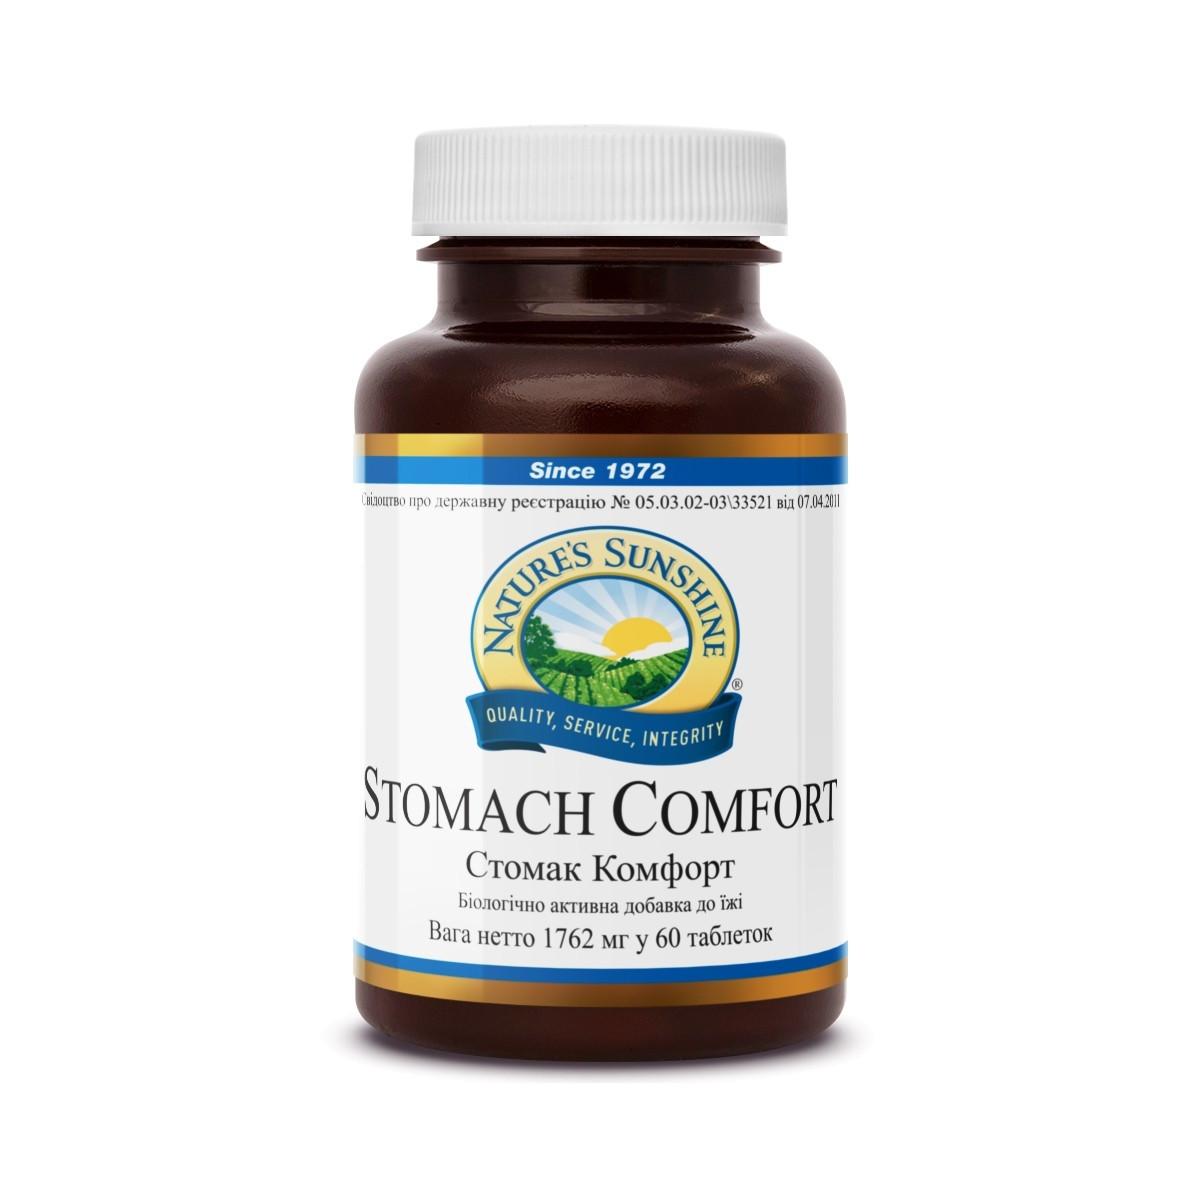 При повышенной кислотности - Стомак комфорт бад NSP быстро действующее лекарство от изжоги.